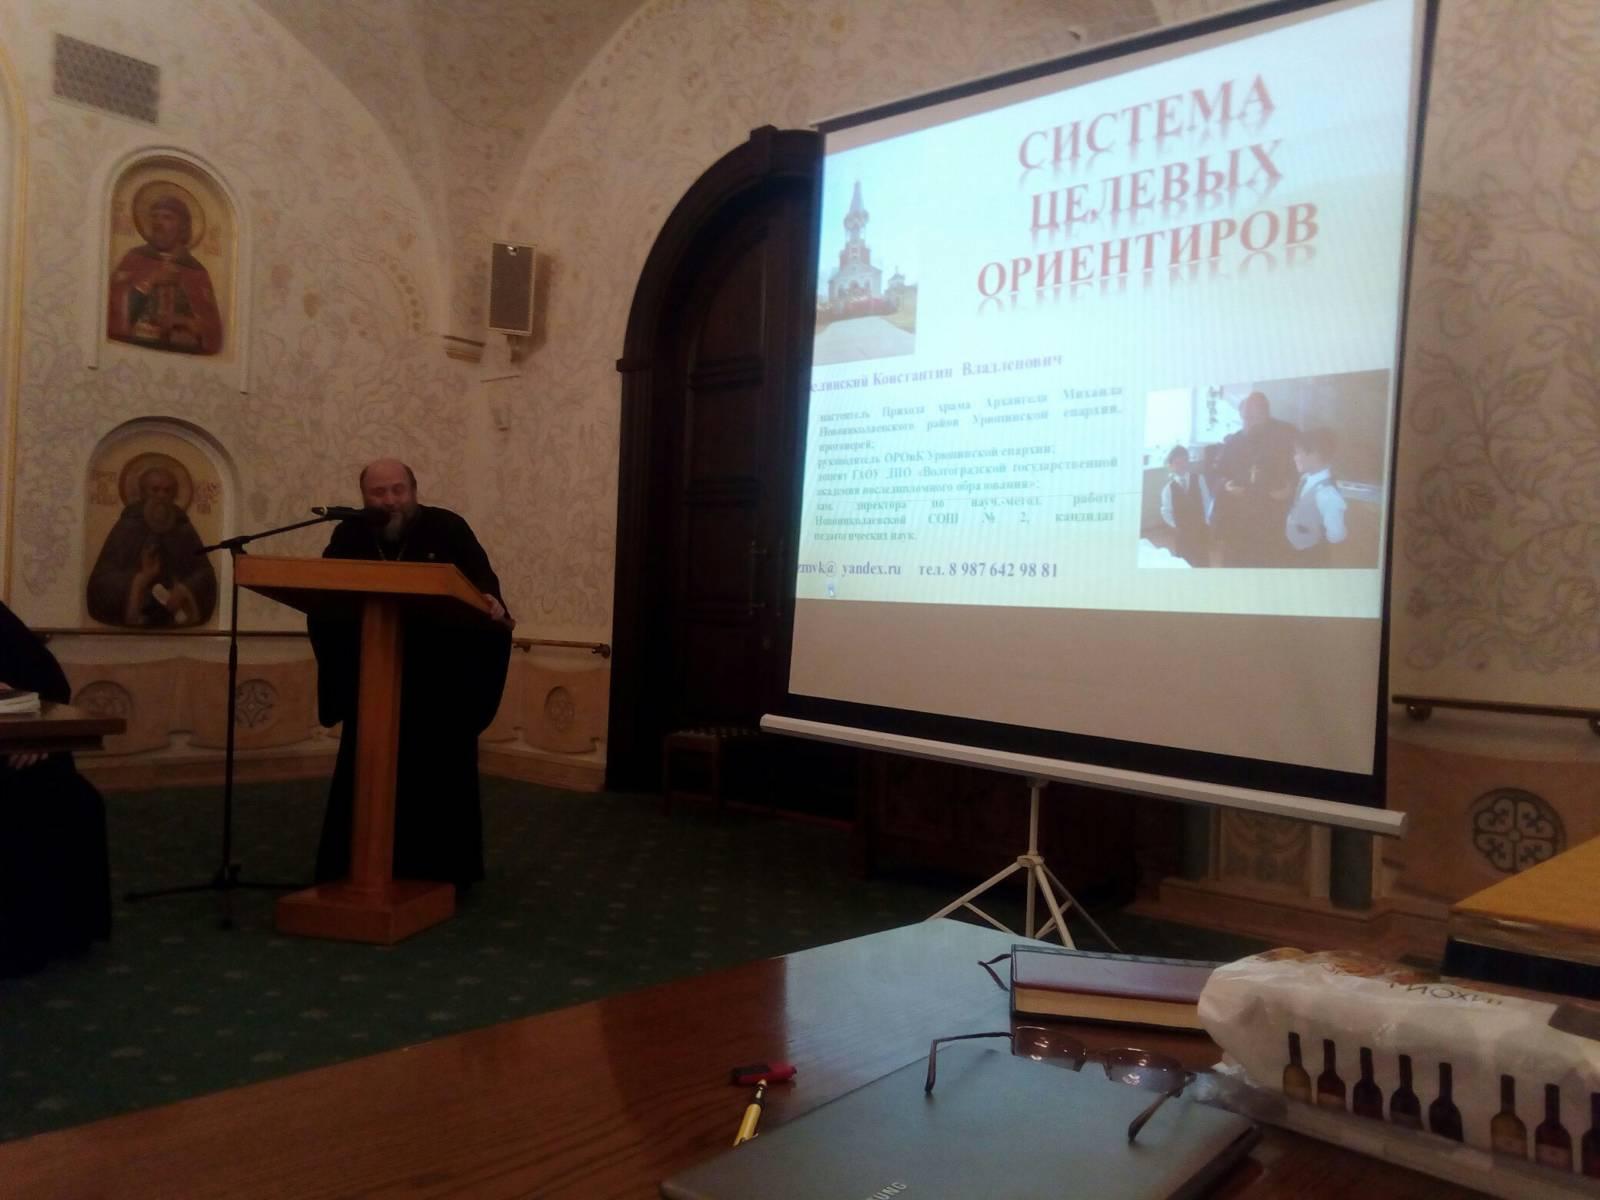 Протоиерей Константин Зелинский выступил с докладом в храме Христа Спасителя (Белый зал).